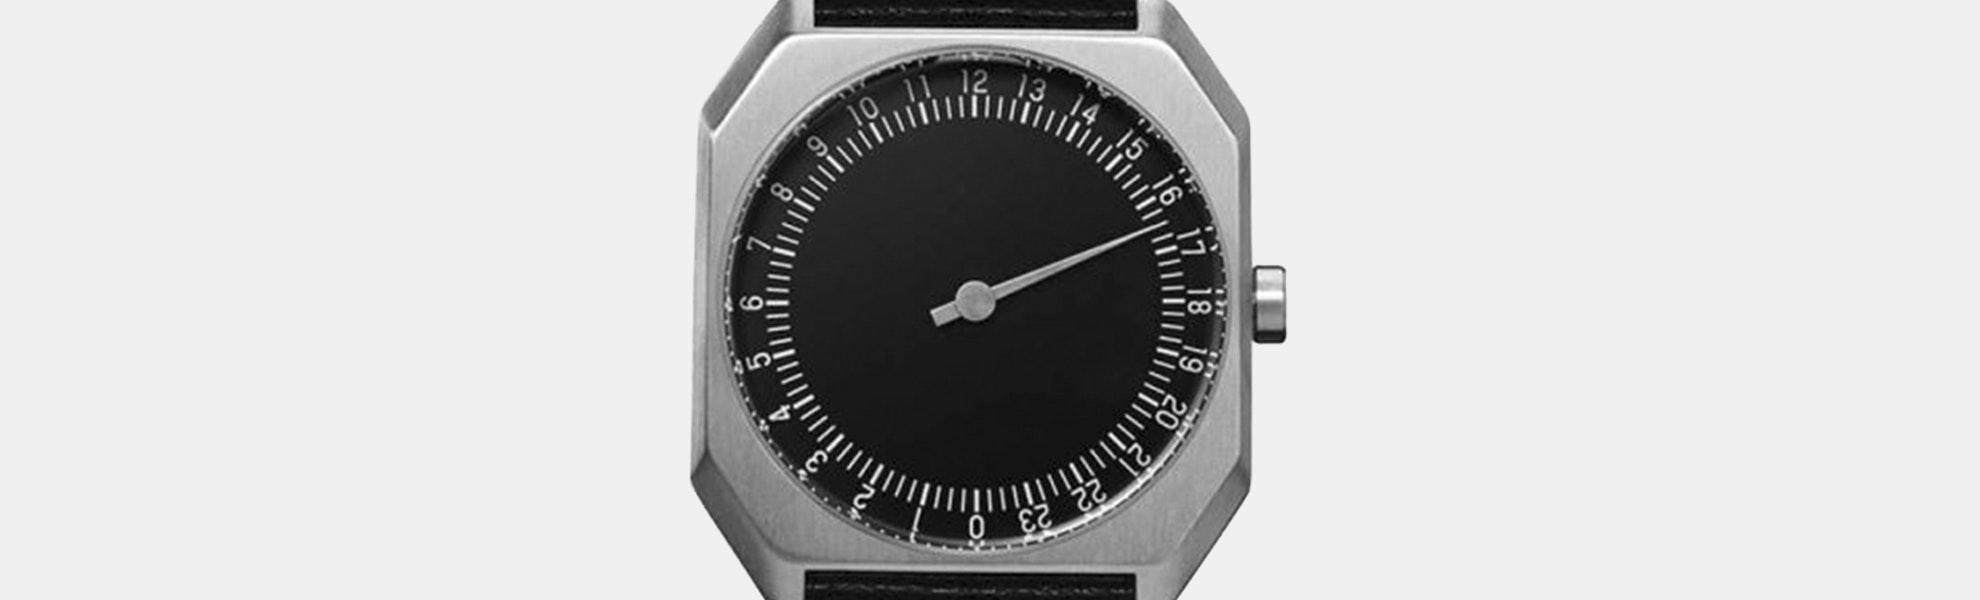 Slow Jo Quartz Watch